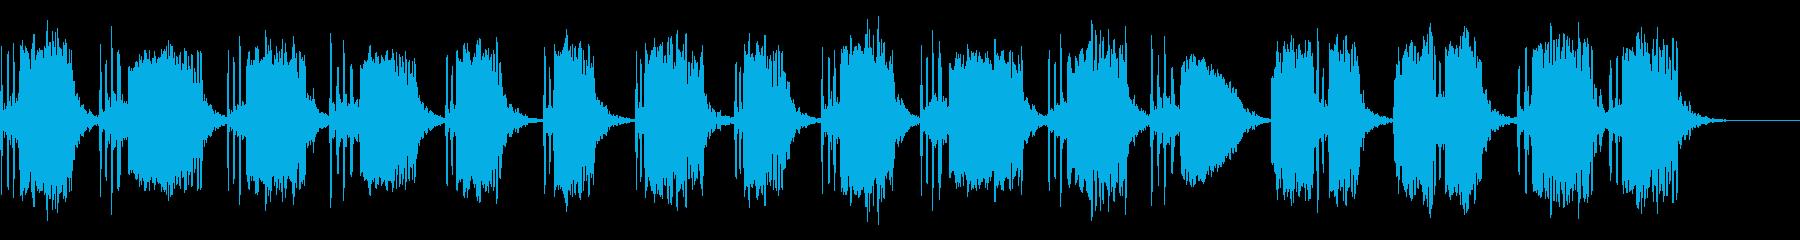 寂しい笛のソロの再生済みの波形